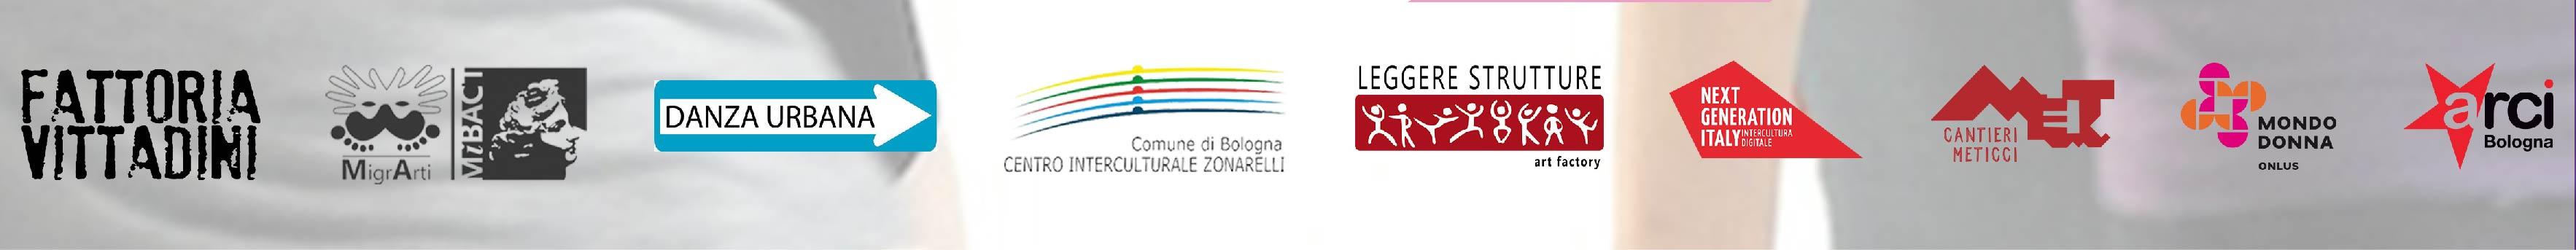 LABORATORIO INTERCULTURALE AL FEMMINILE - Leggere ...